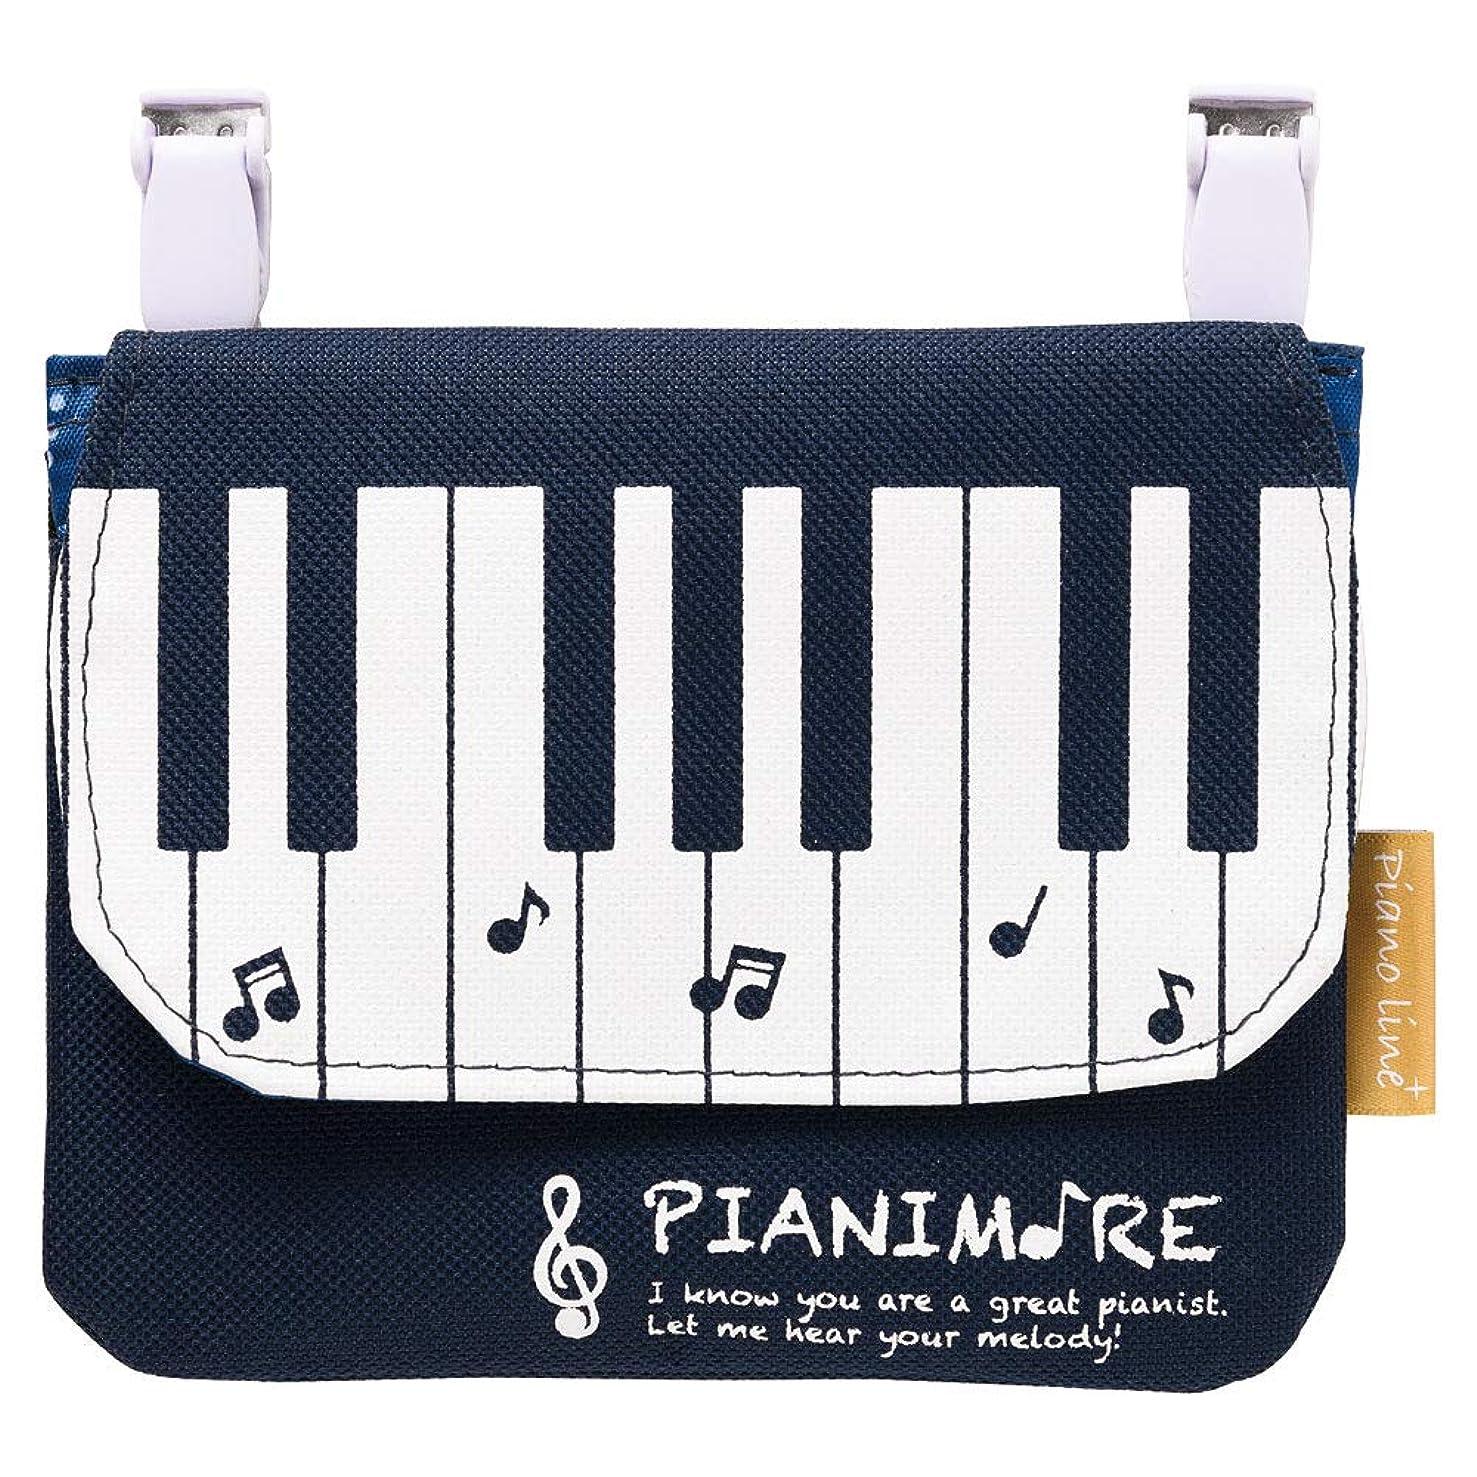 ご近所押す差別するPianimore ポケットポーチ 鍵盤柄 移動ポケット ティッシュ入れ付き 女の子用